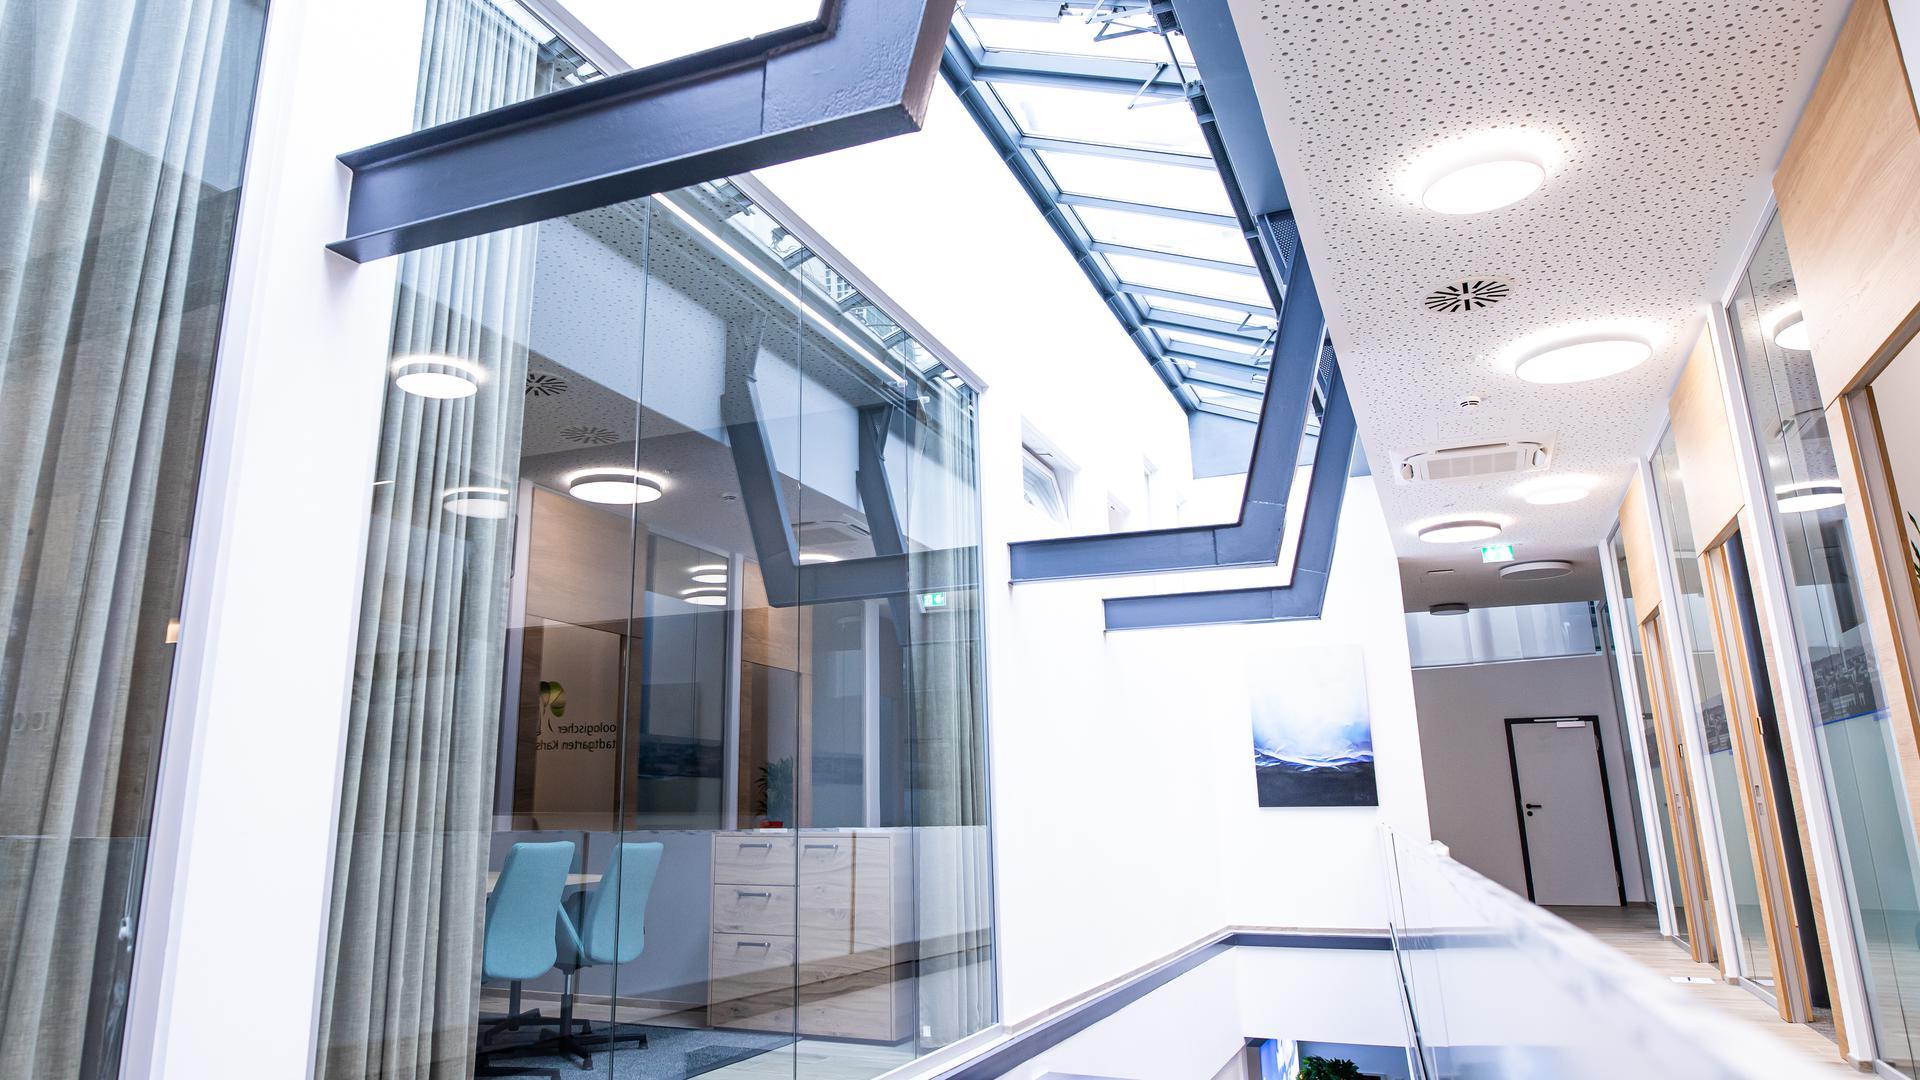 Offene Gestaltung in der neuen Regionalfiliale der Volksbank Karlsruhe.